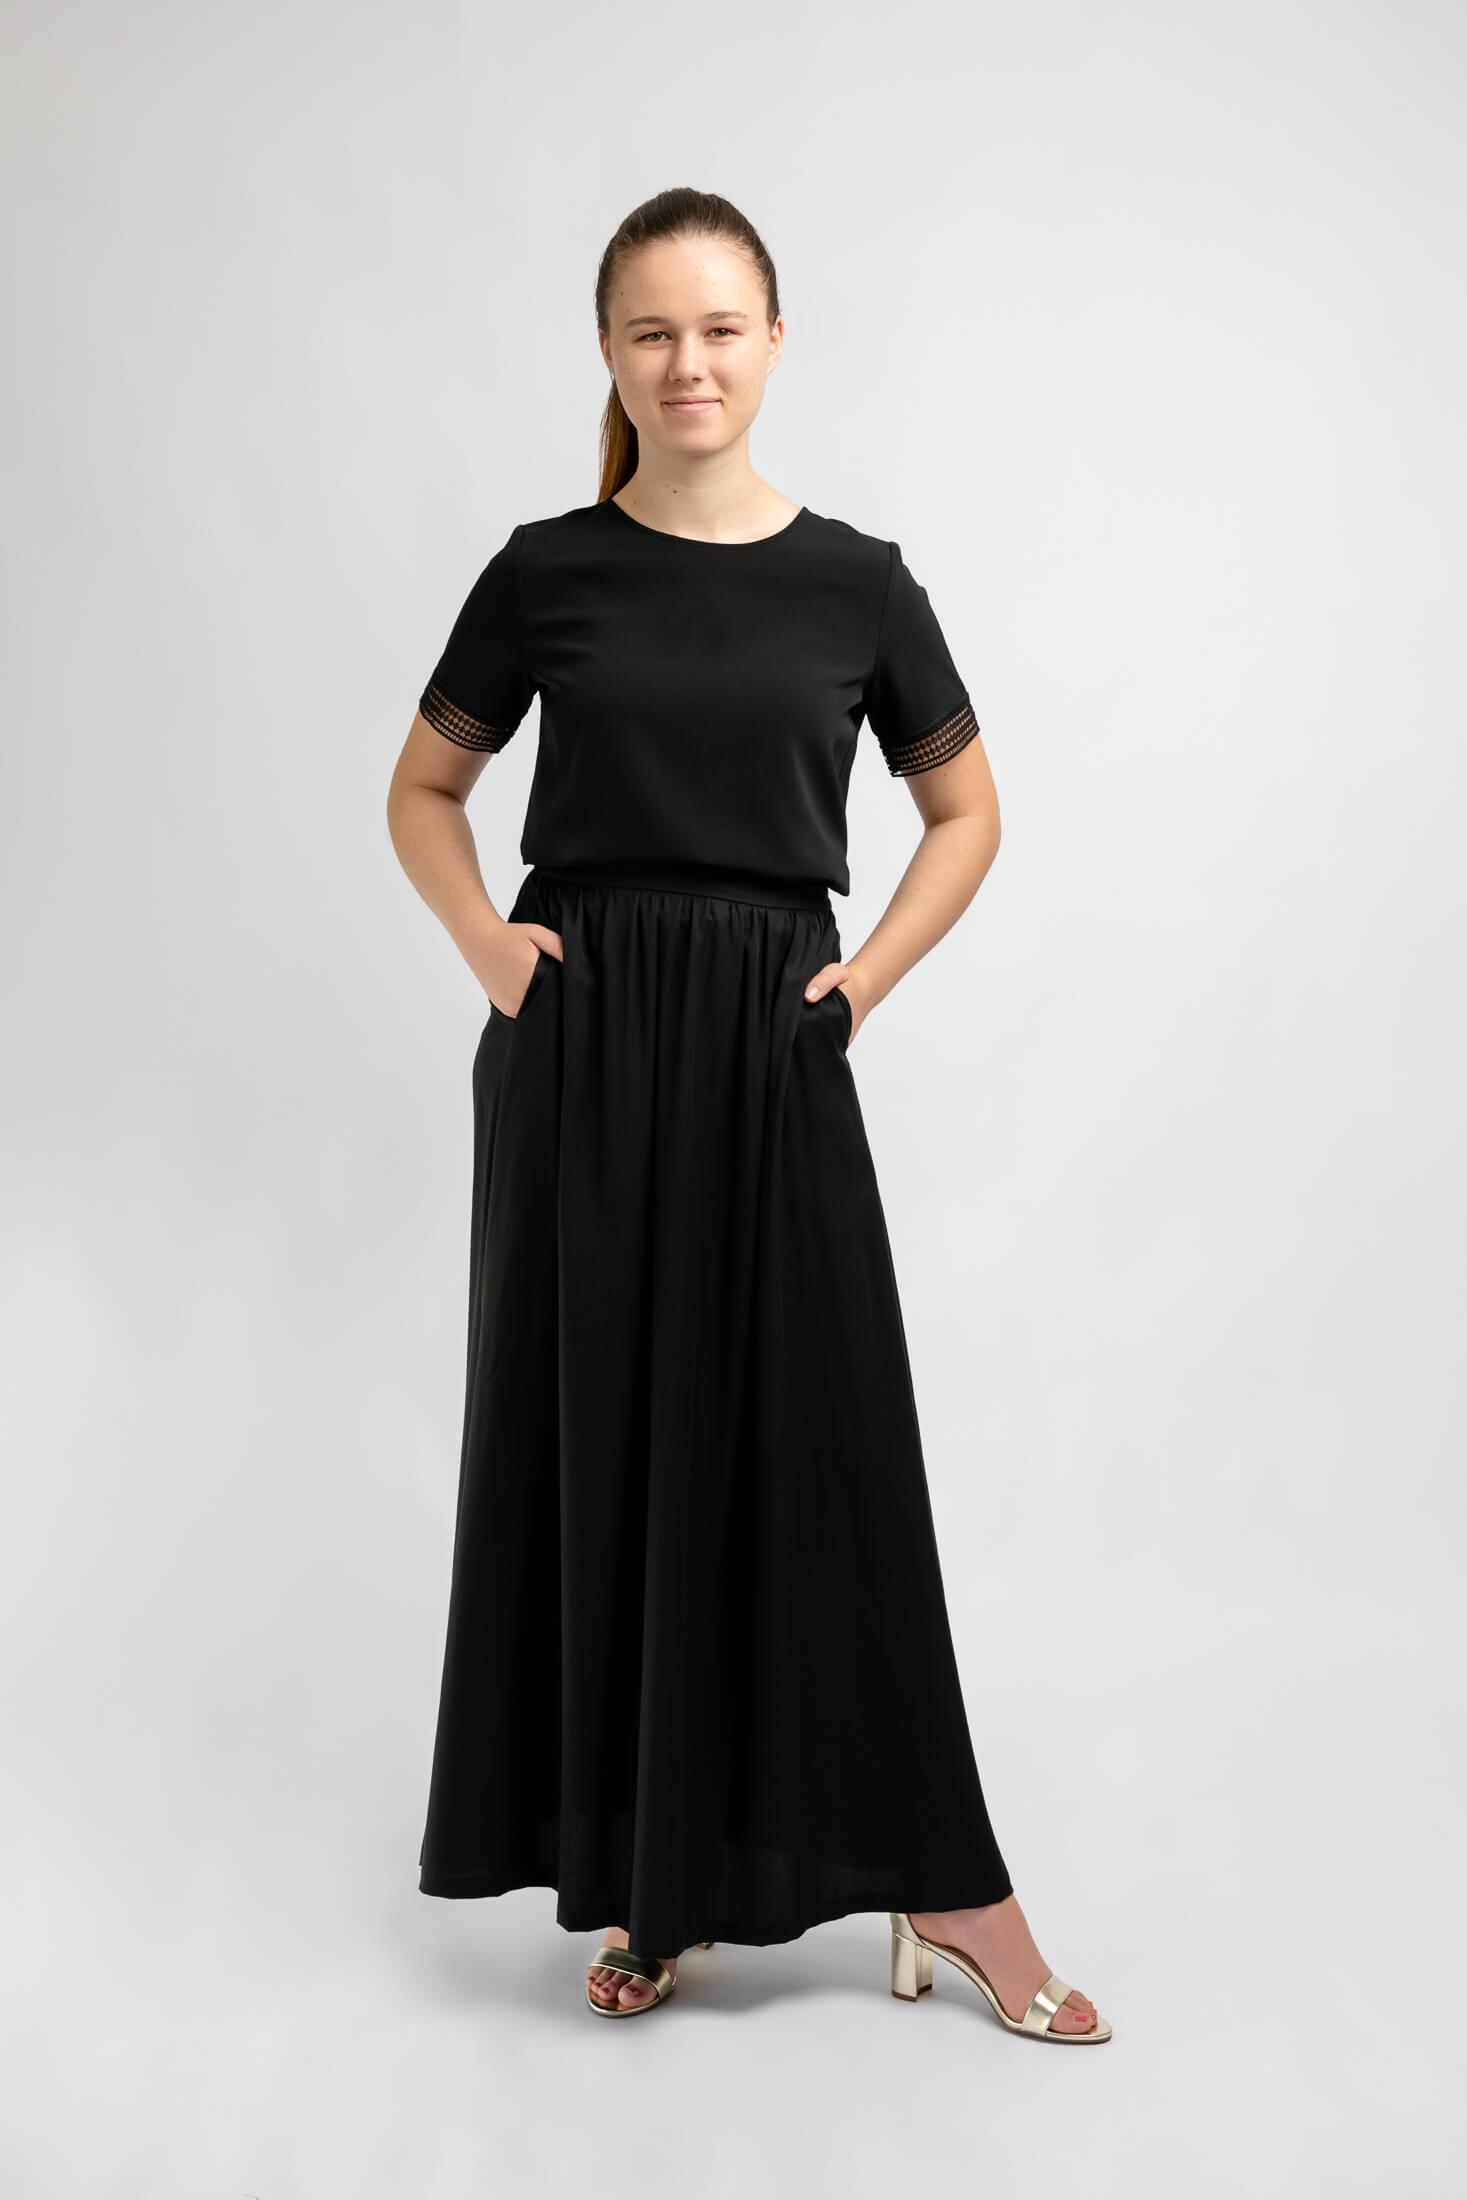 long-black-ankle-length-skirt-for-girls